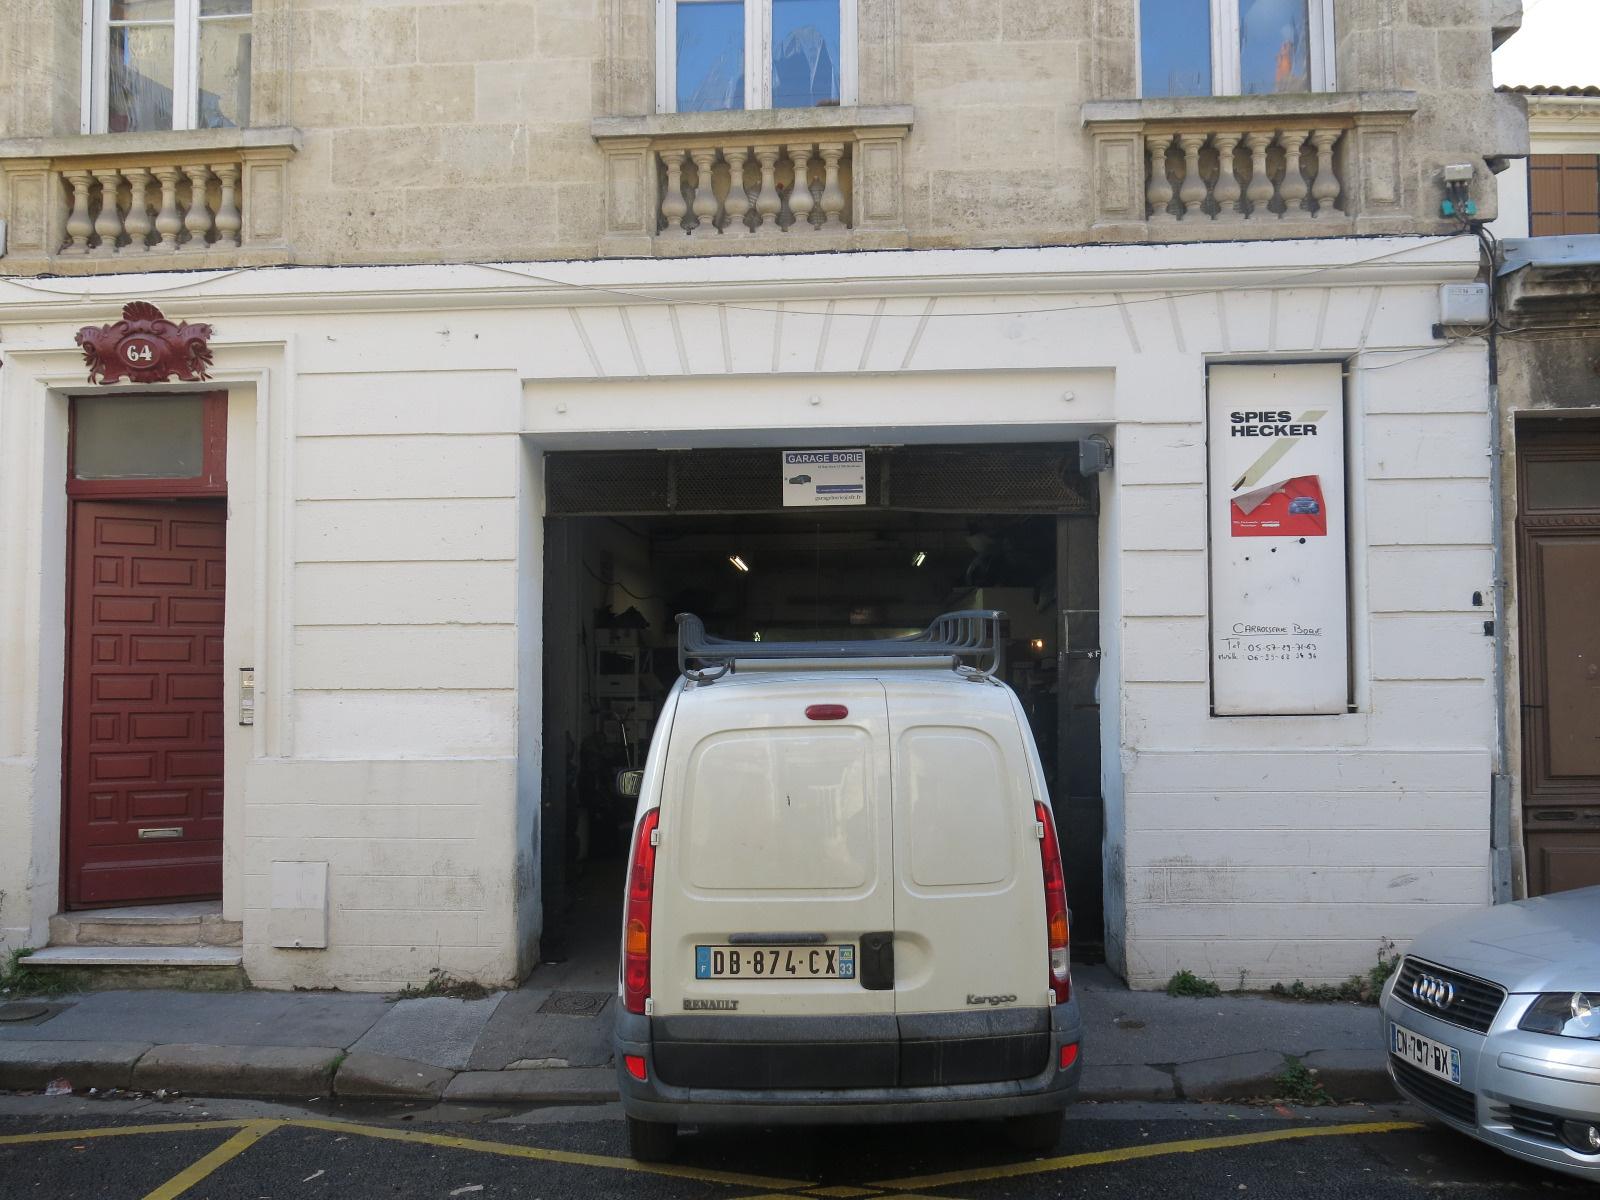 Vente immobilier professionnel location immobilier professionnel log 39 - Garage a louer bordeaux ...